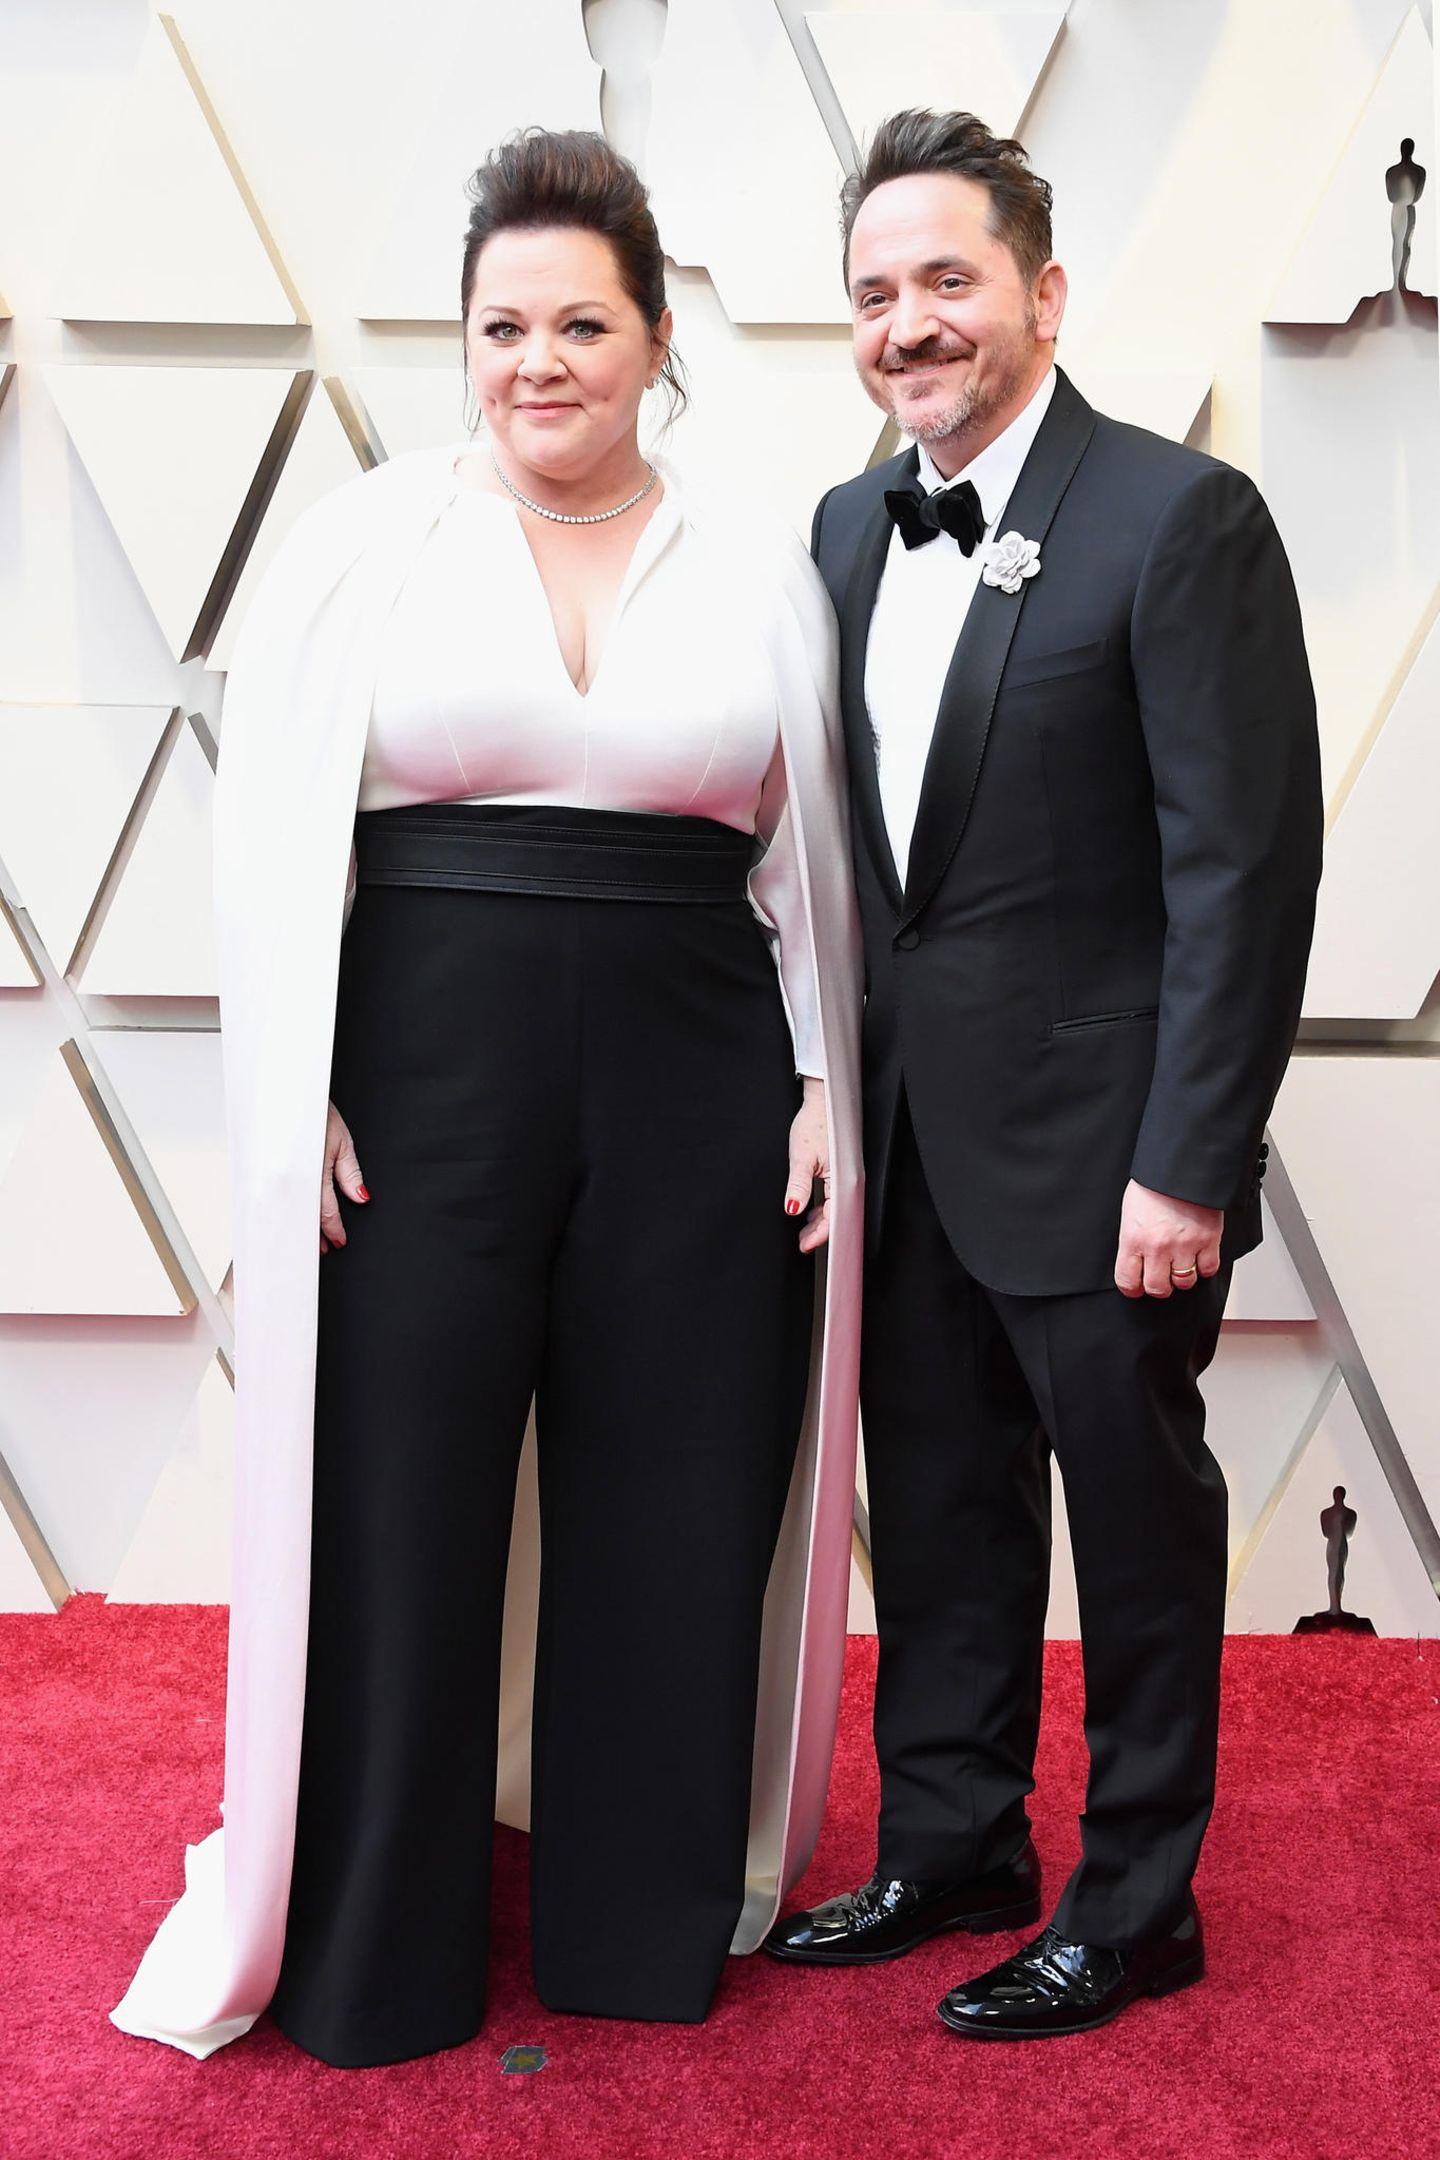 Jenny McCarthy und Ben Falcone wissen ebenfalls zu überzeugen. Wirklich schön ist das Cape-Oberteil der Schauspielerin, das zu der weiten Hose einfach zauberhaft aussieht.